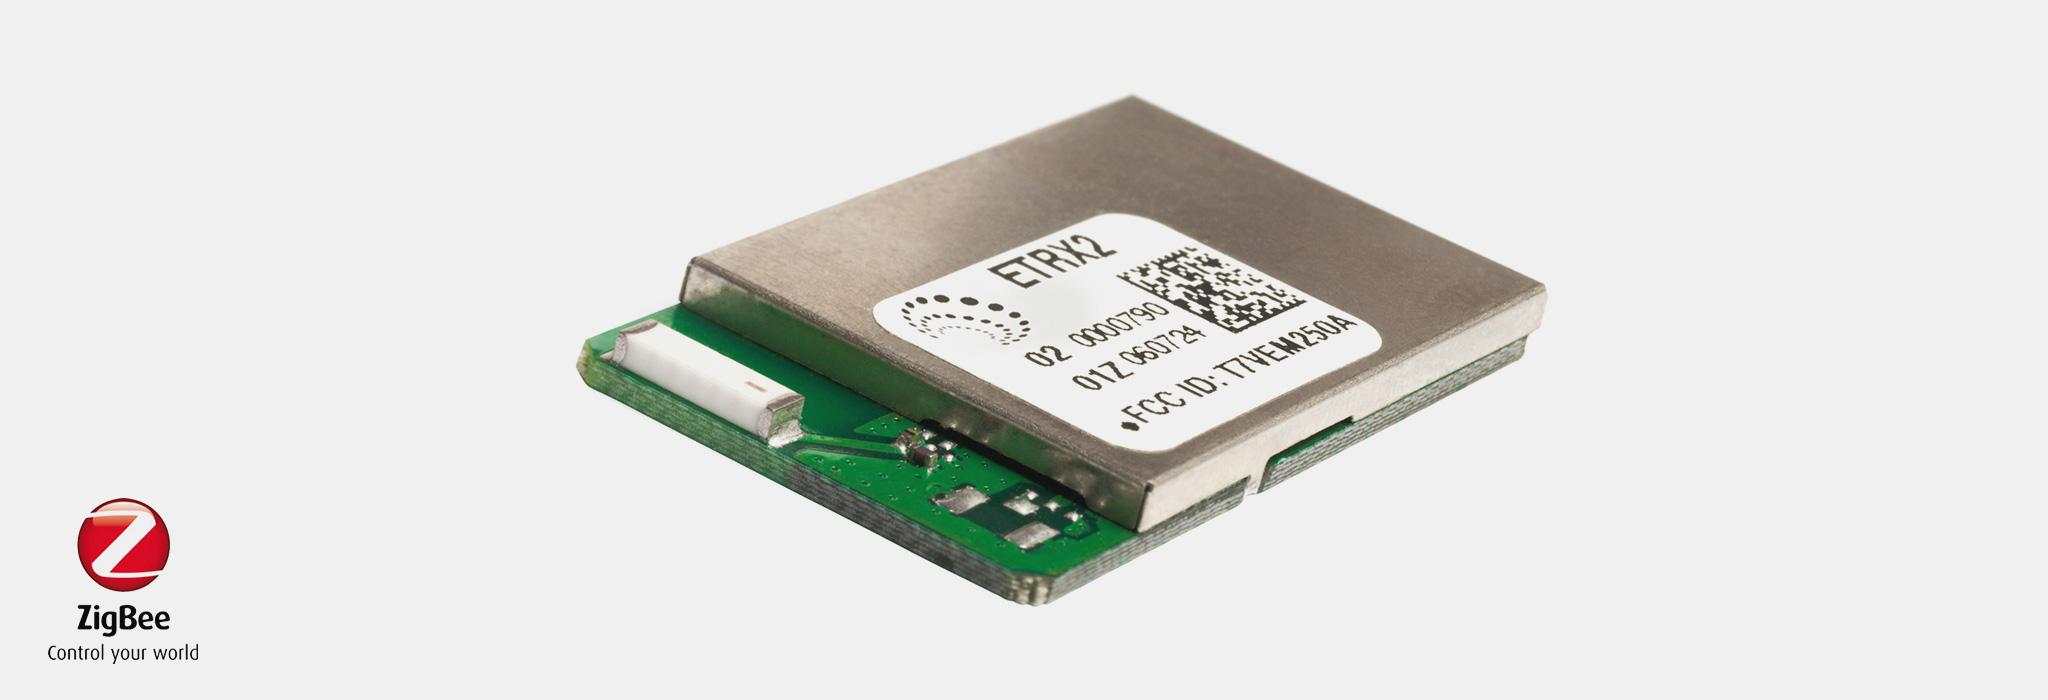 Новая прошивка R309 для ZigBee-модулей компании Telegesis